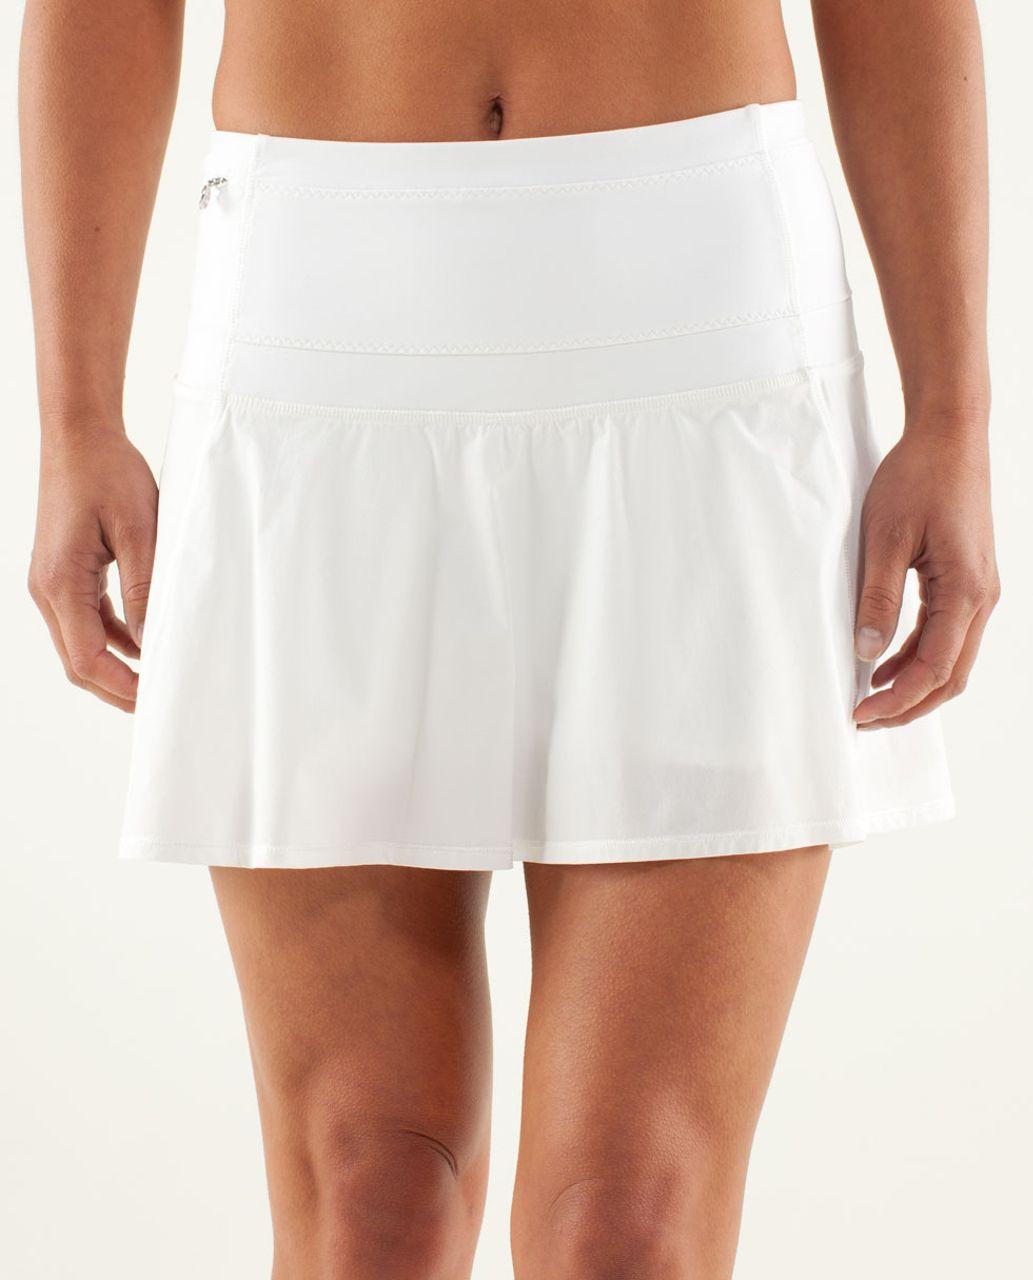 4ac4b44a41 Lululemon Hot Hitter Skirt - White - lulu fanatics